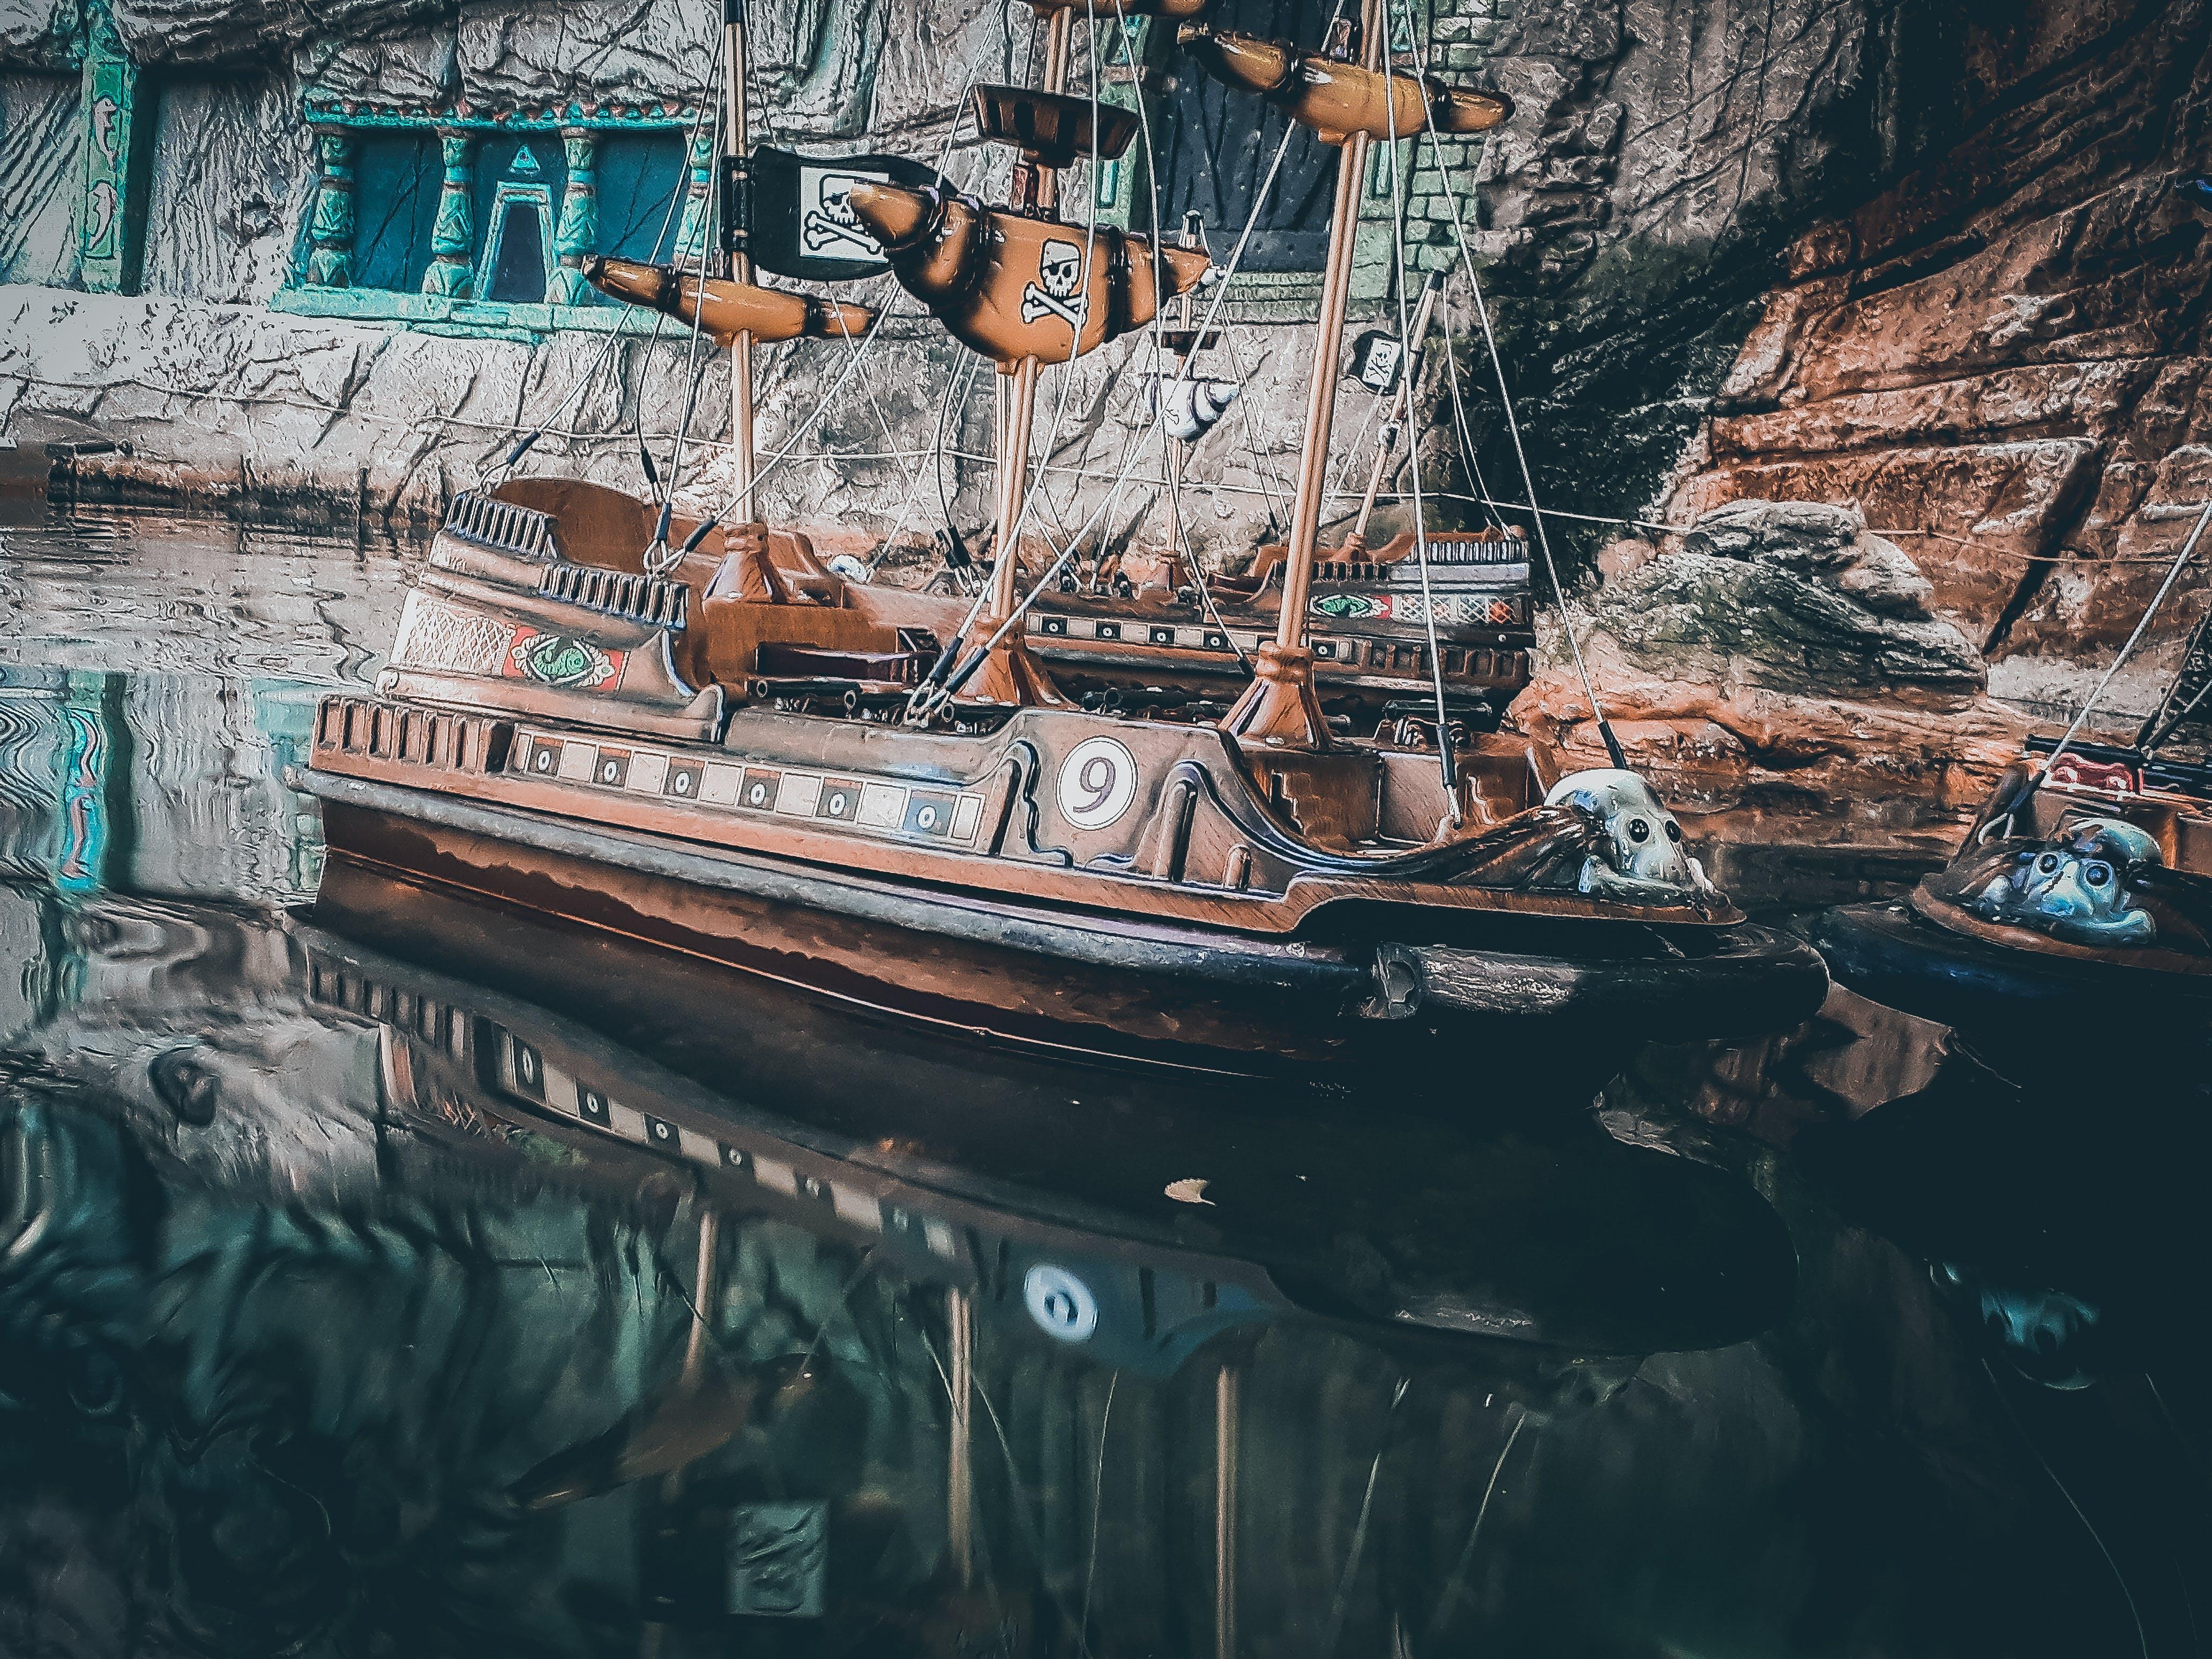 Δωρεάν στοκ φωτογραφιών με colortones, miniboat, κινηματικός, πειρατής